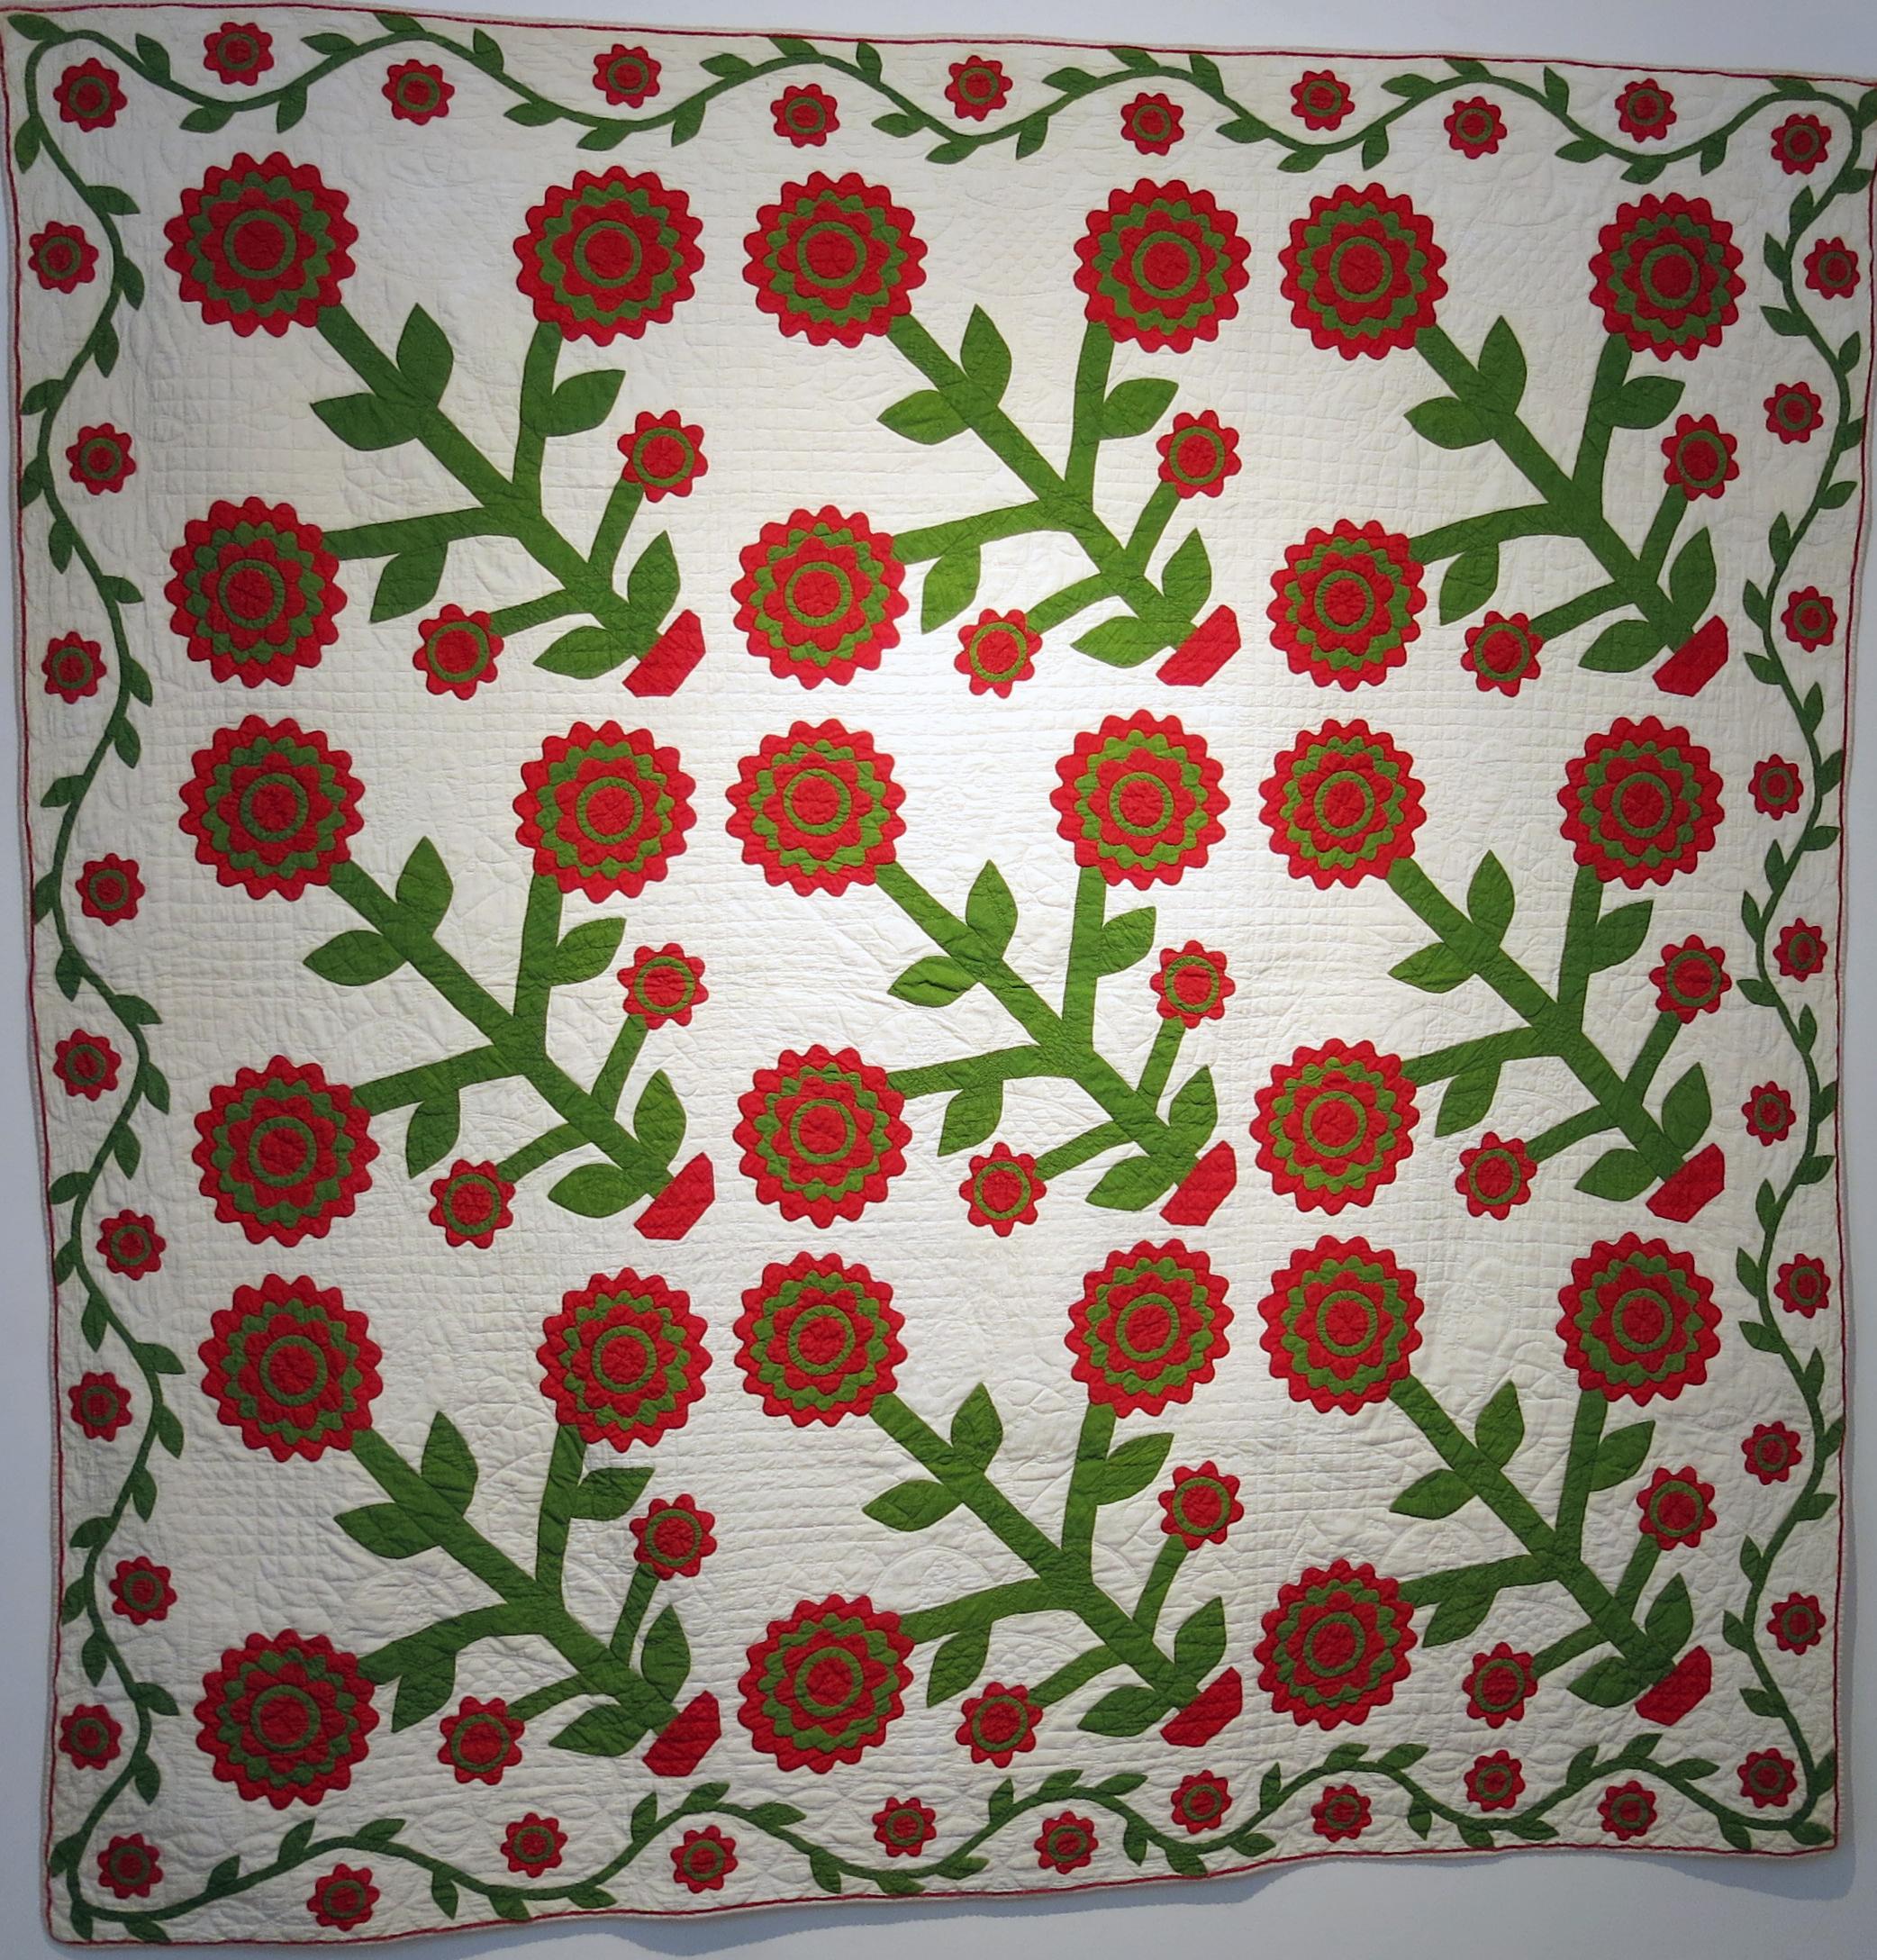 Amish, Lancaster County, Pennsylvania, Triple Blossoms Appliqué Quilt , c. 1870-80s, cotton, 75h x 75w in.